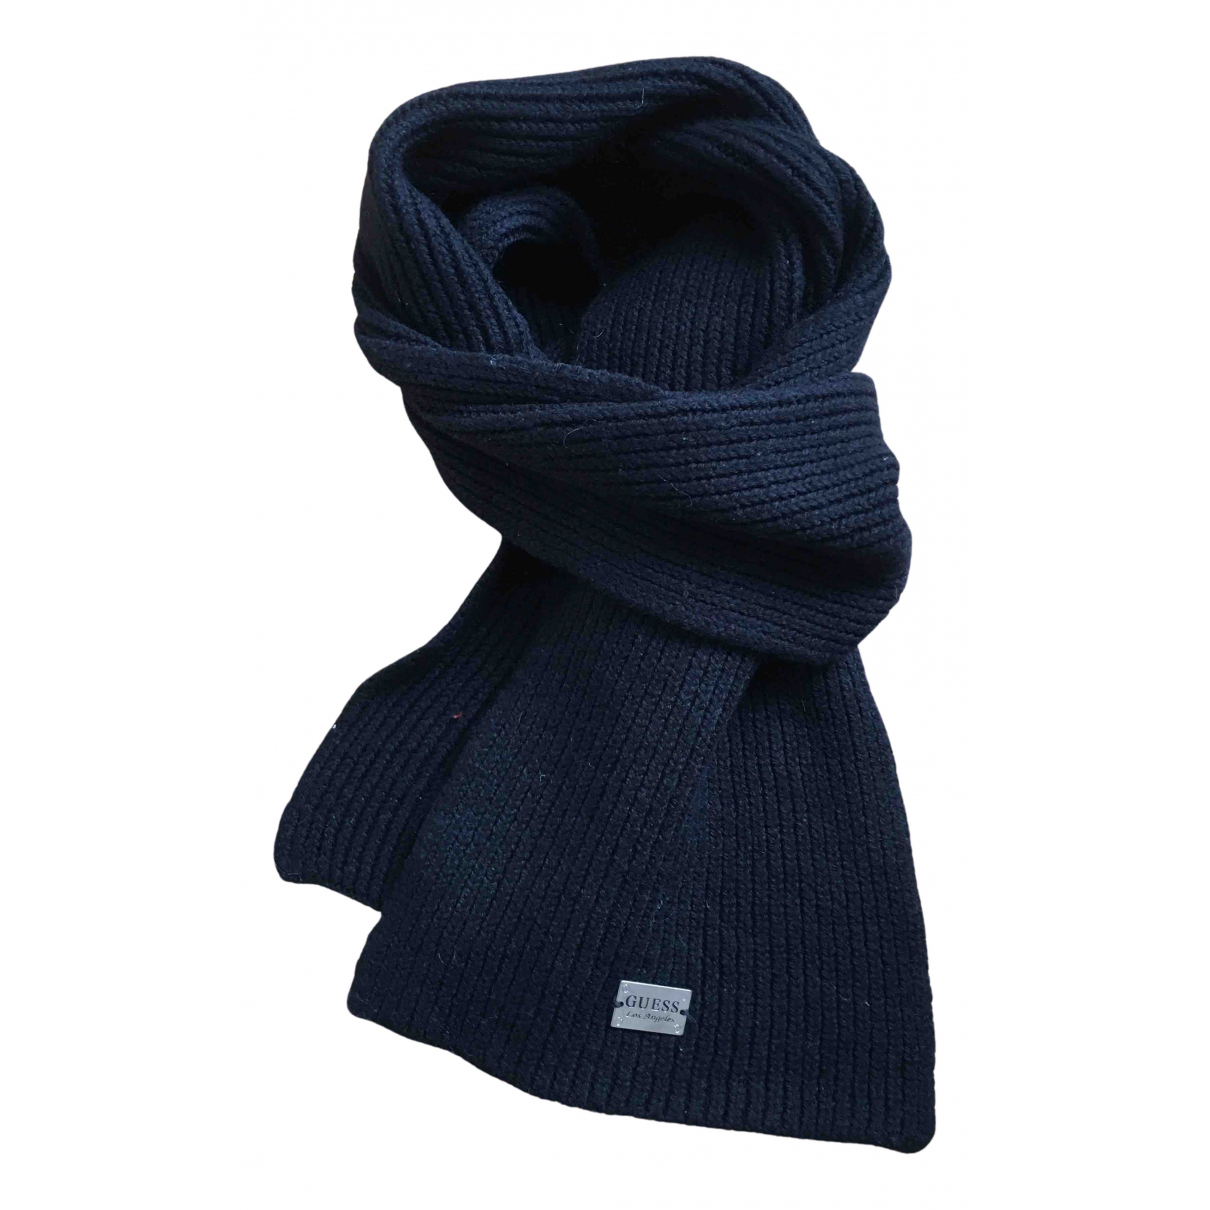 Guess \N Schal in  Schwarz Wolle